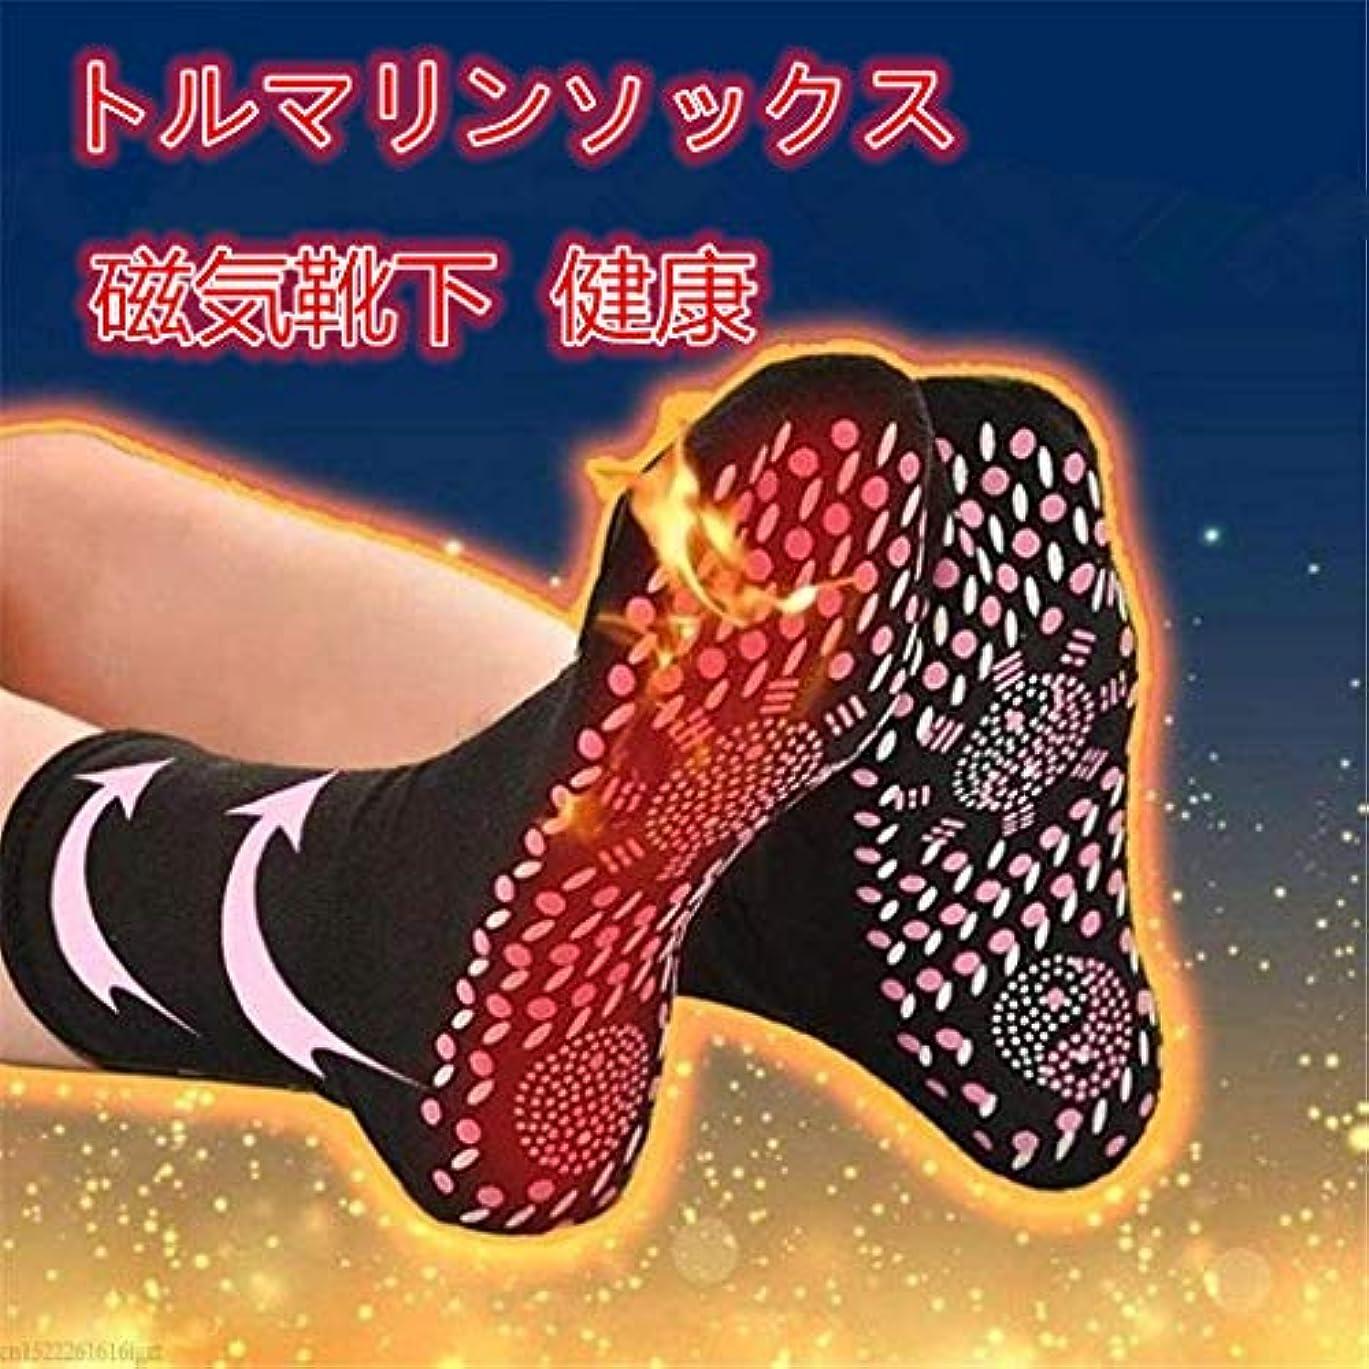 ツーリスト結核共感する健康靴下痛み止め 自己発熱ソックス 磁気治療靴下 マッサージ ソックス トルマリン磁気靴下 滑り止め付 血液循環促進 湿気取り除き 冷たさ払拭 痛み和らげ 磁気療法ソックス 通気性